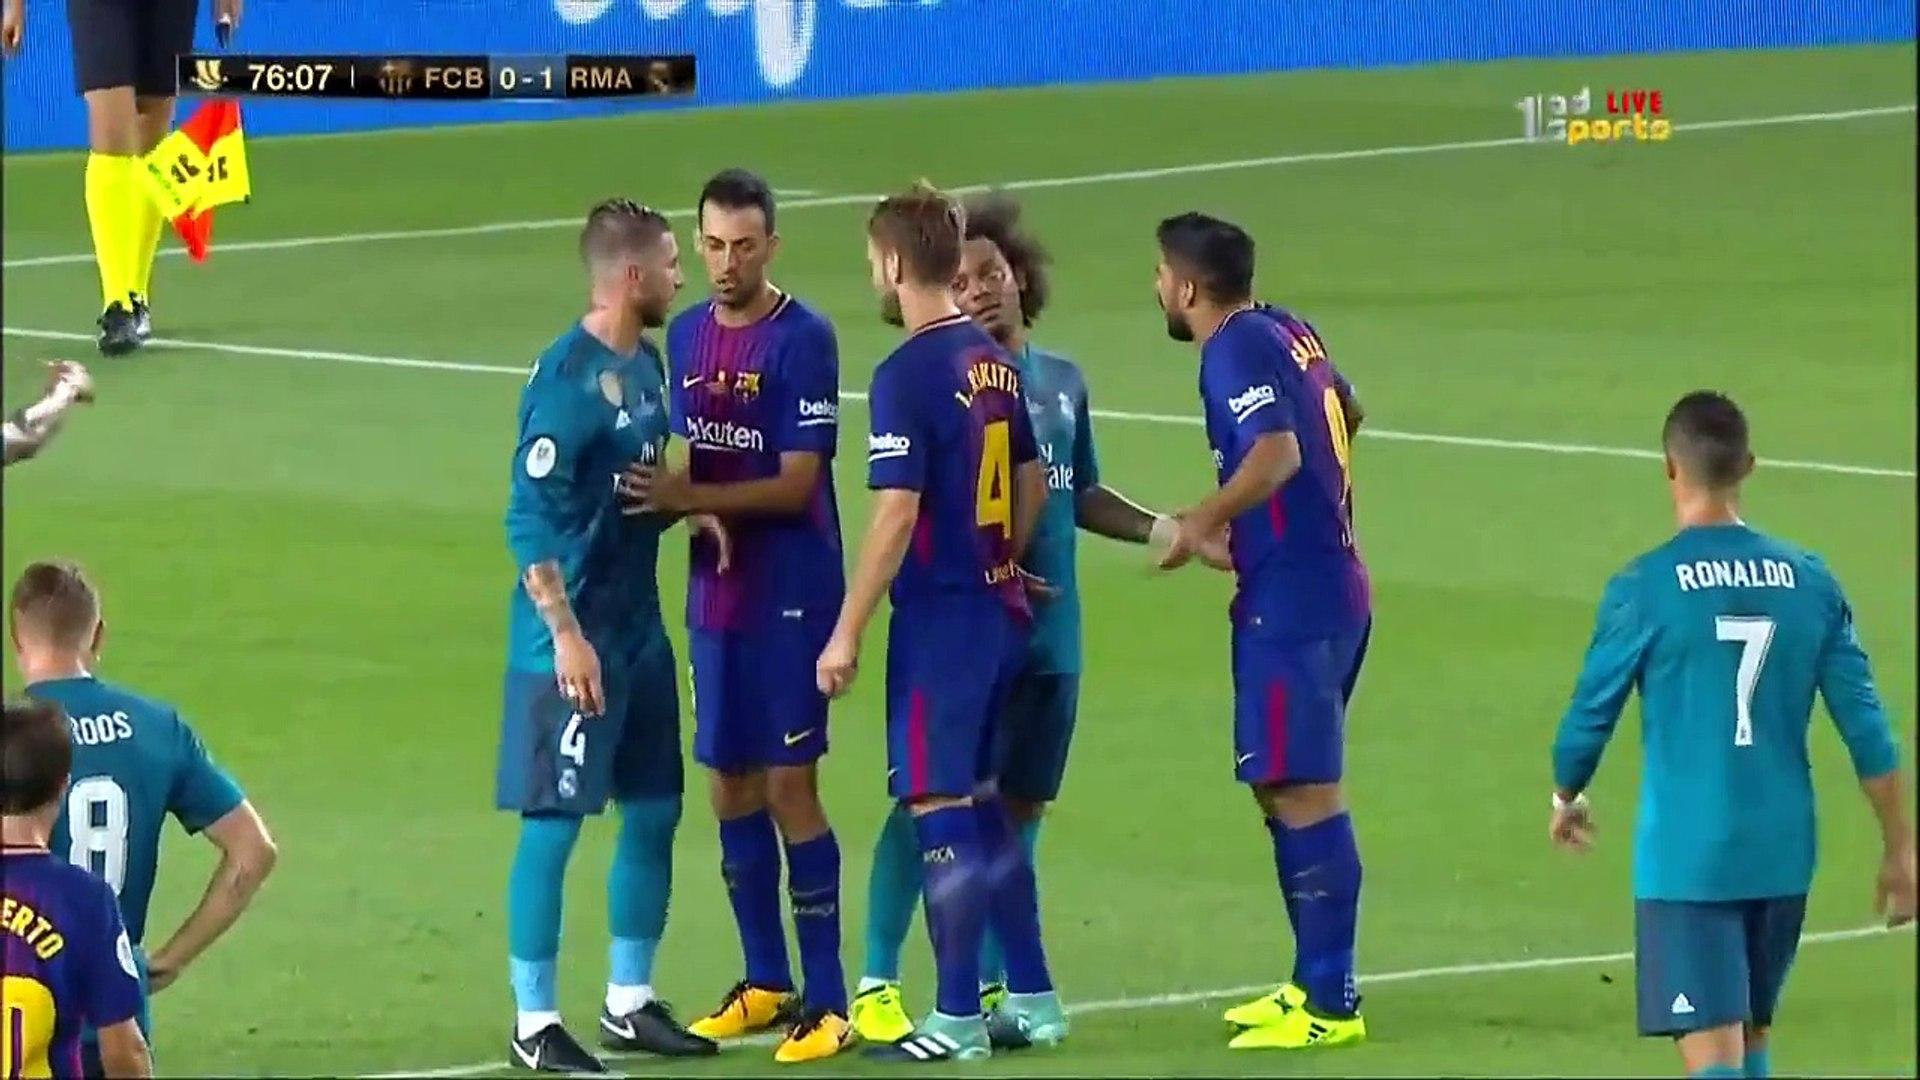 نار نار  مباراة ريال مدريد وبرشلونة المجنونة في الامس بالسوبر الاسباني 3-1